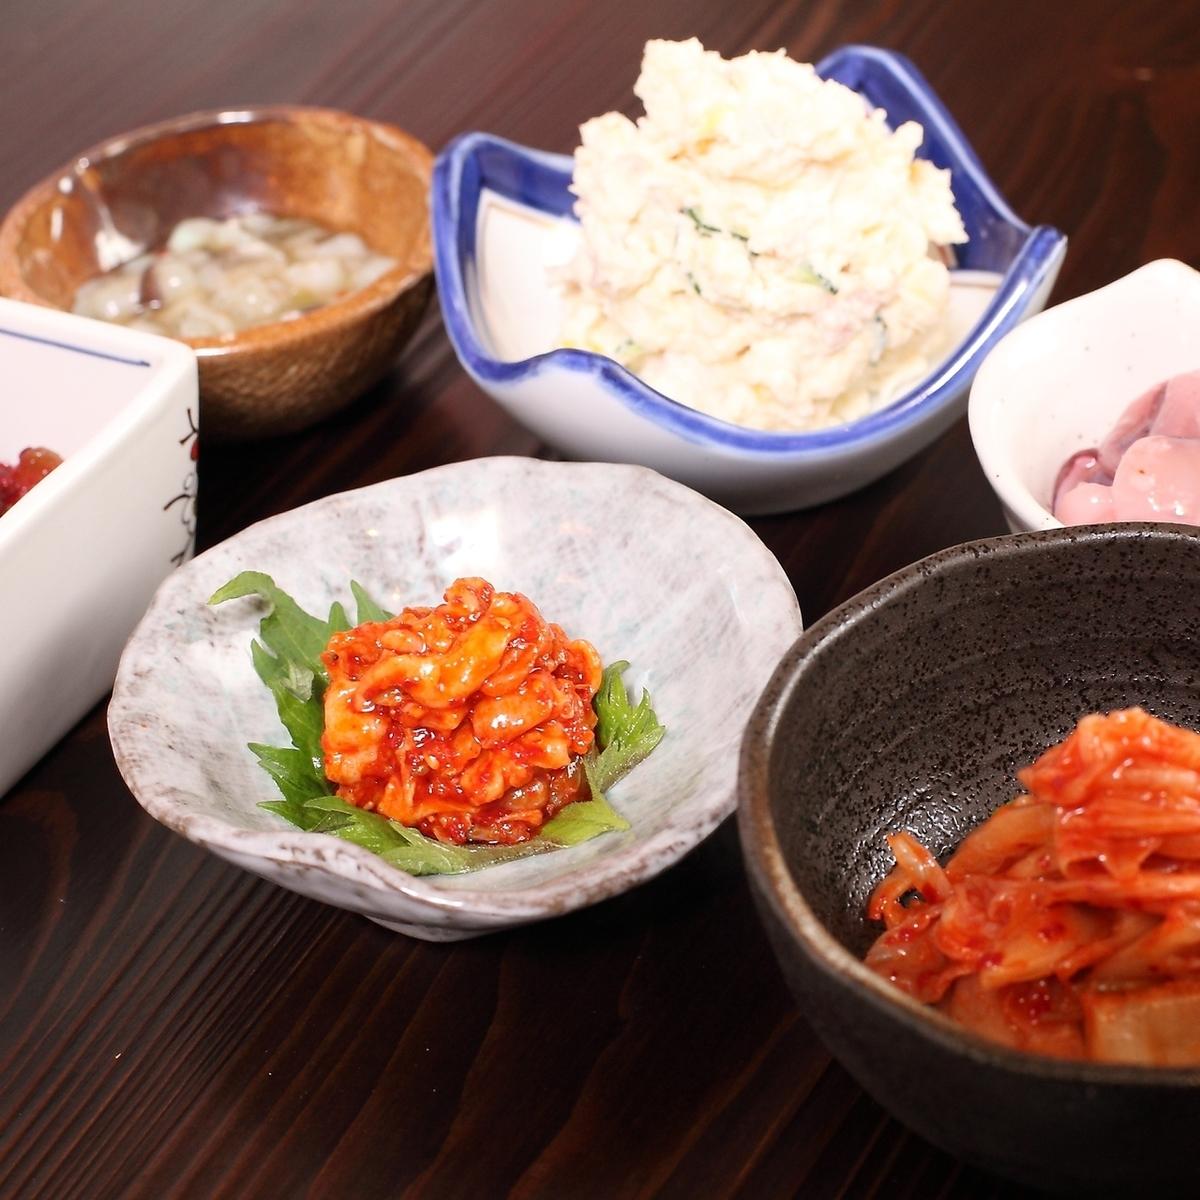 モロQ/ポテトサラダ/たこわさ/チャンジャ/梅たたきキュウリ/キムチ